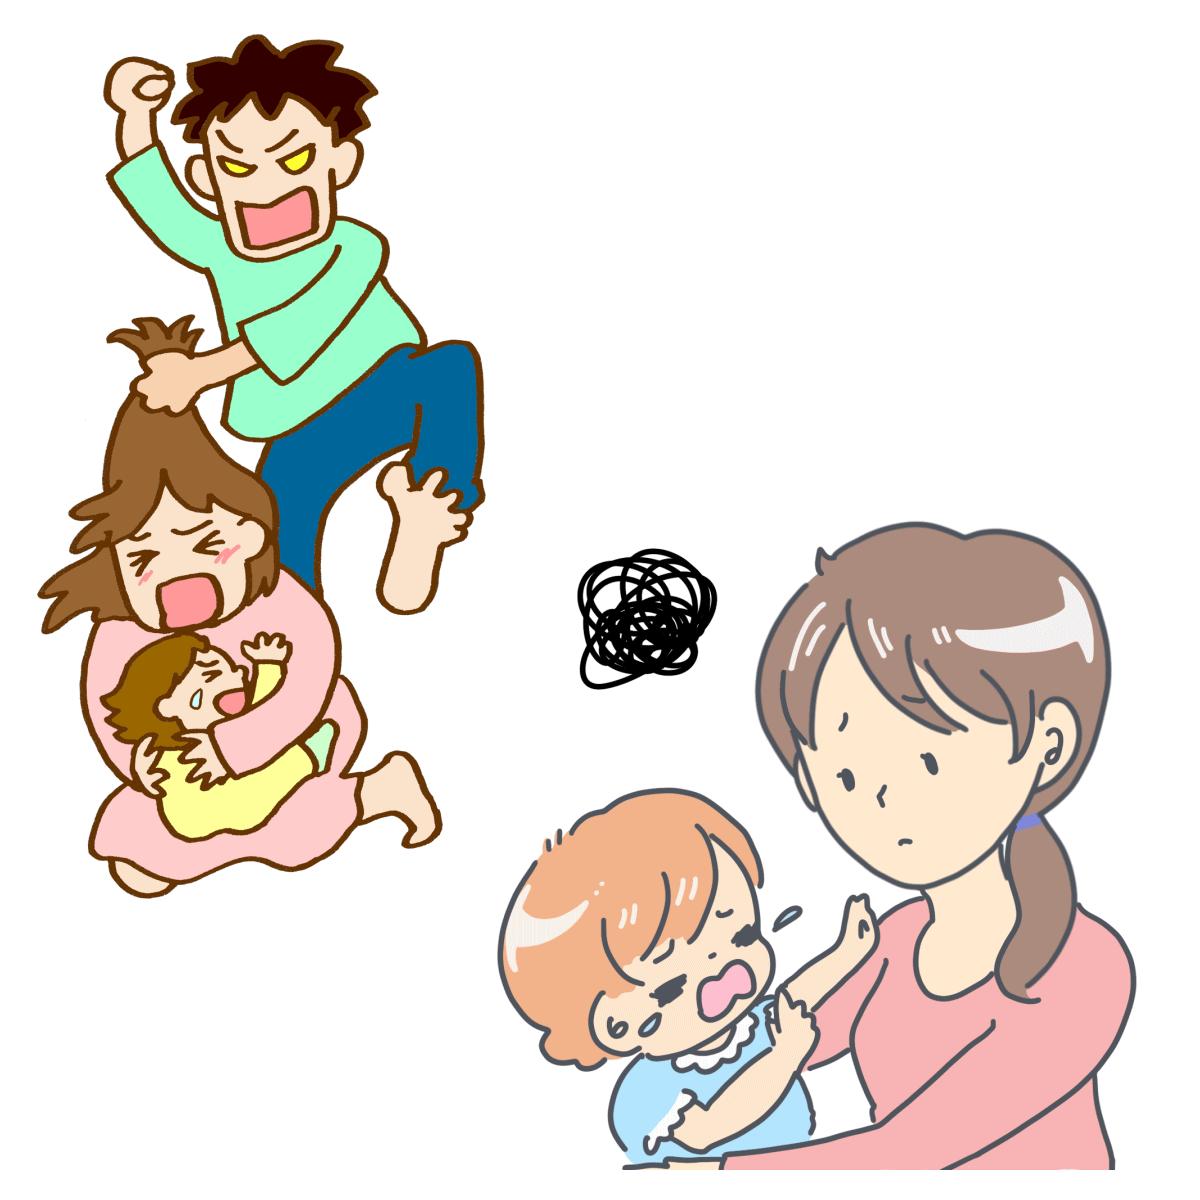 毒親育ちの父親と母親が子育てに辛さを感じている様子を表しているイラスト